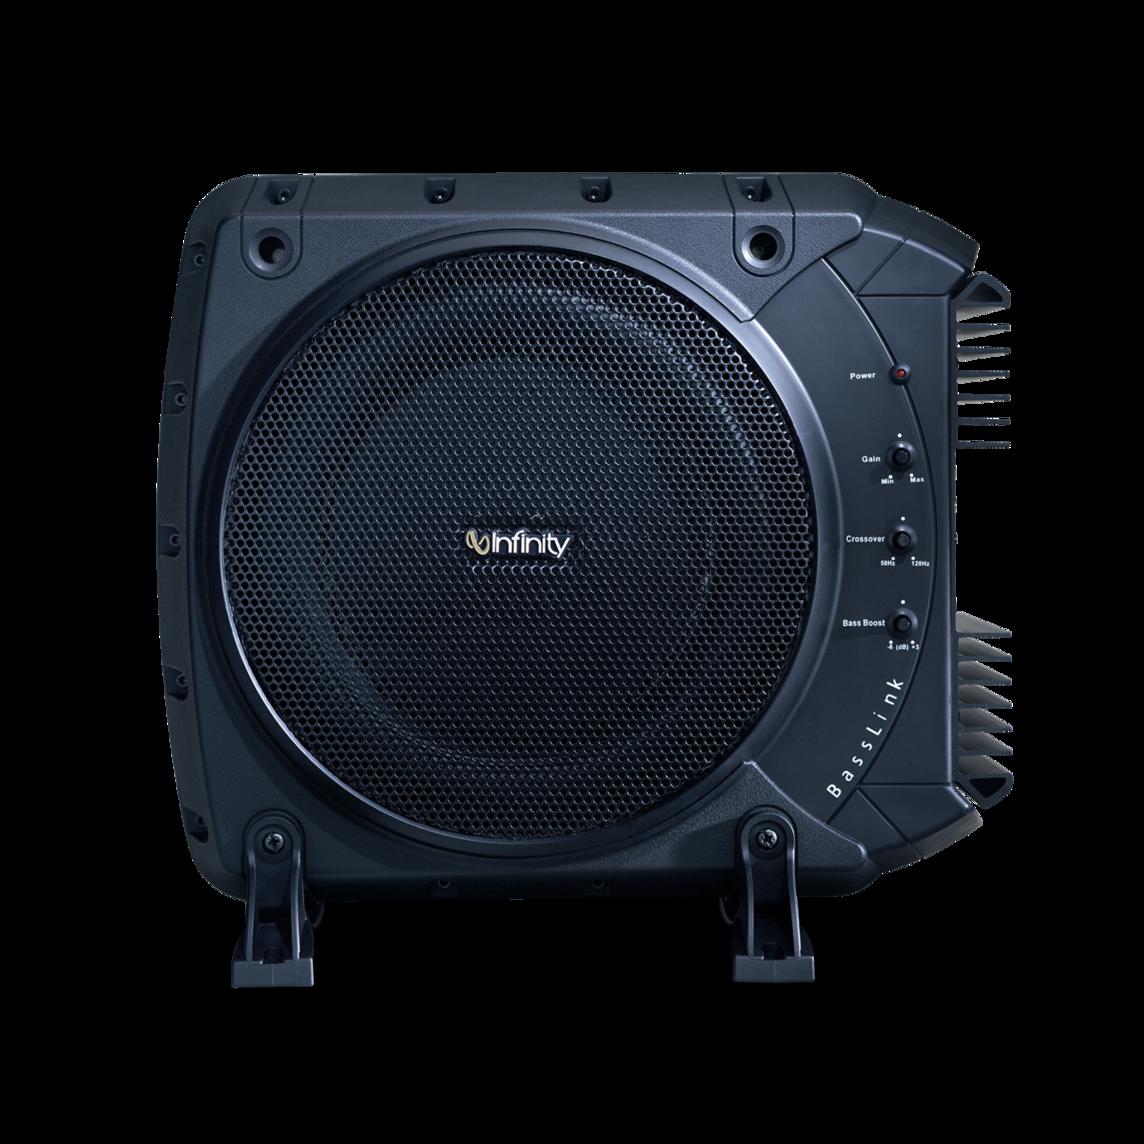 Infinity BassLink (Recertified) 200-Watt Powered Car Subwoofer $99, JBL GT-Basspro 12 (Recertified) High-Output Car Subwoofer Enclosure $100 + Free Shipping!